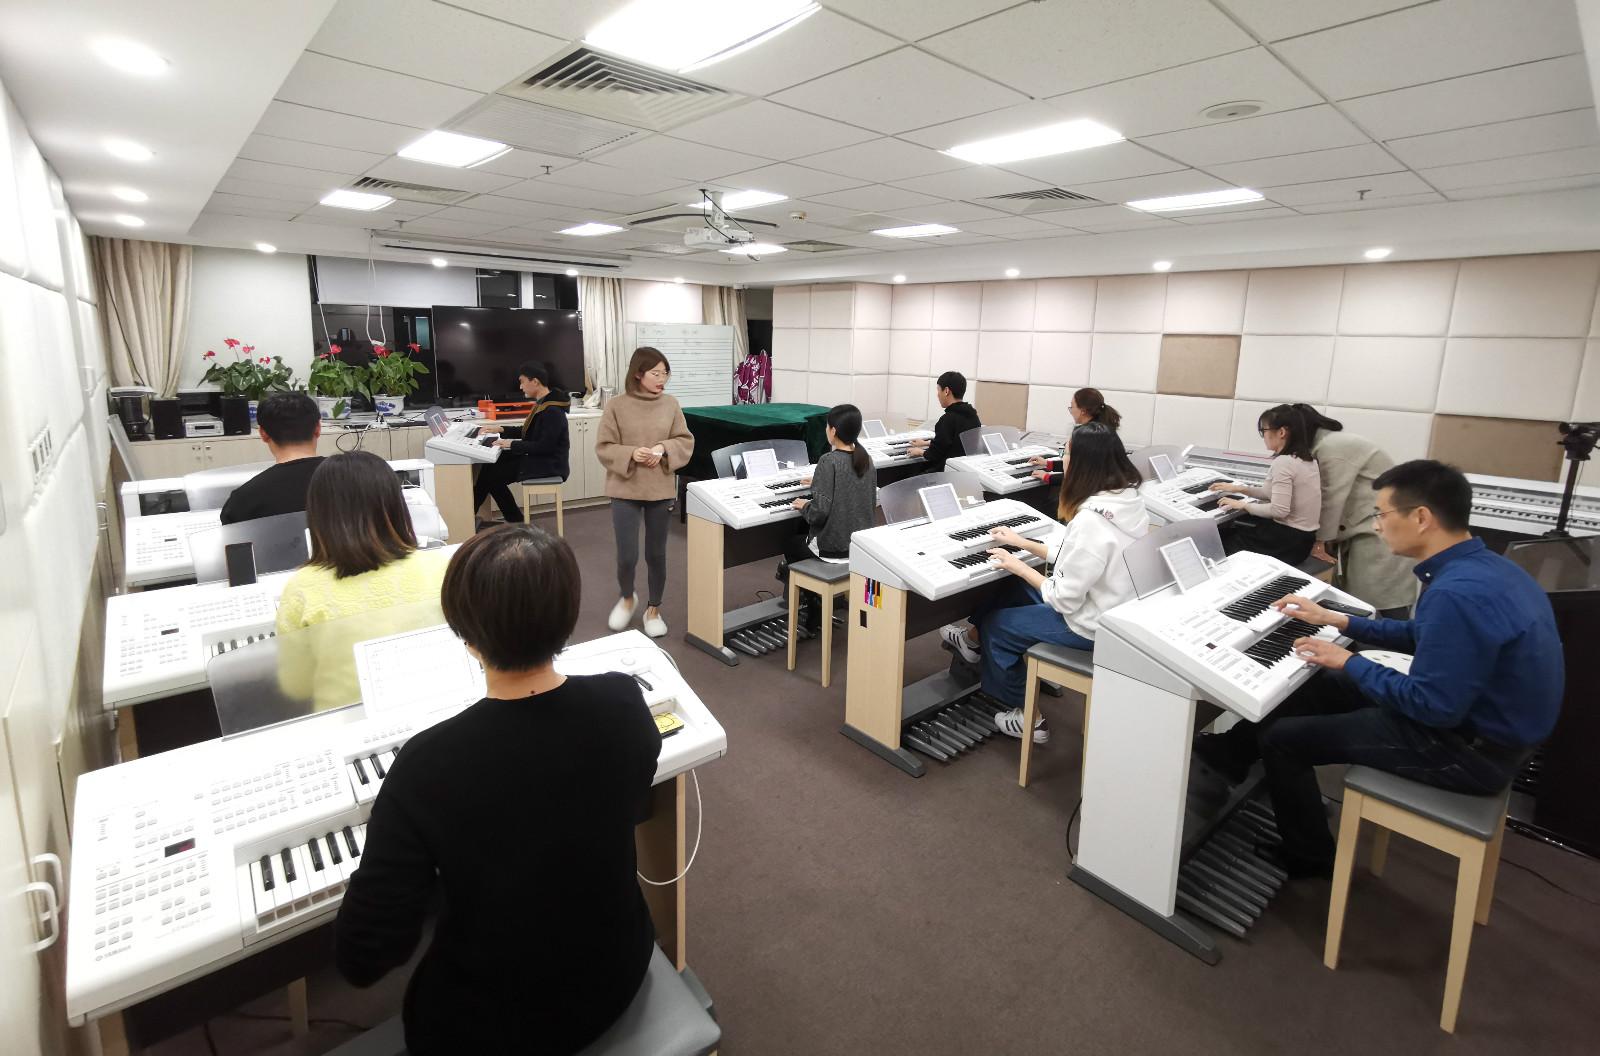 音乐教师自我提升的方向都有哪些?